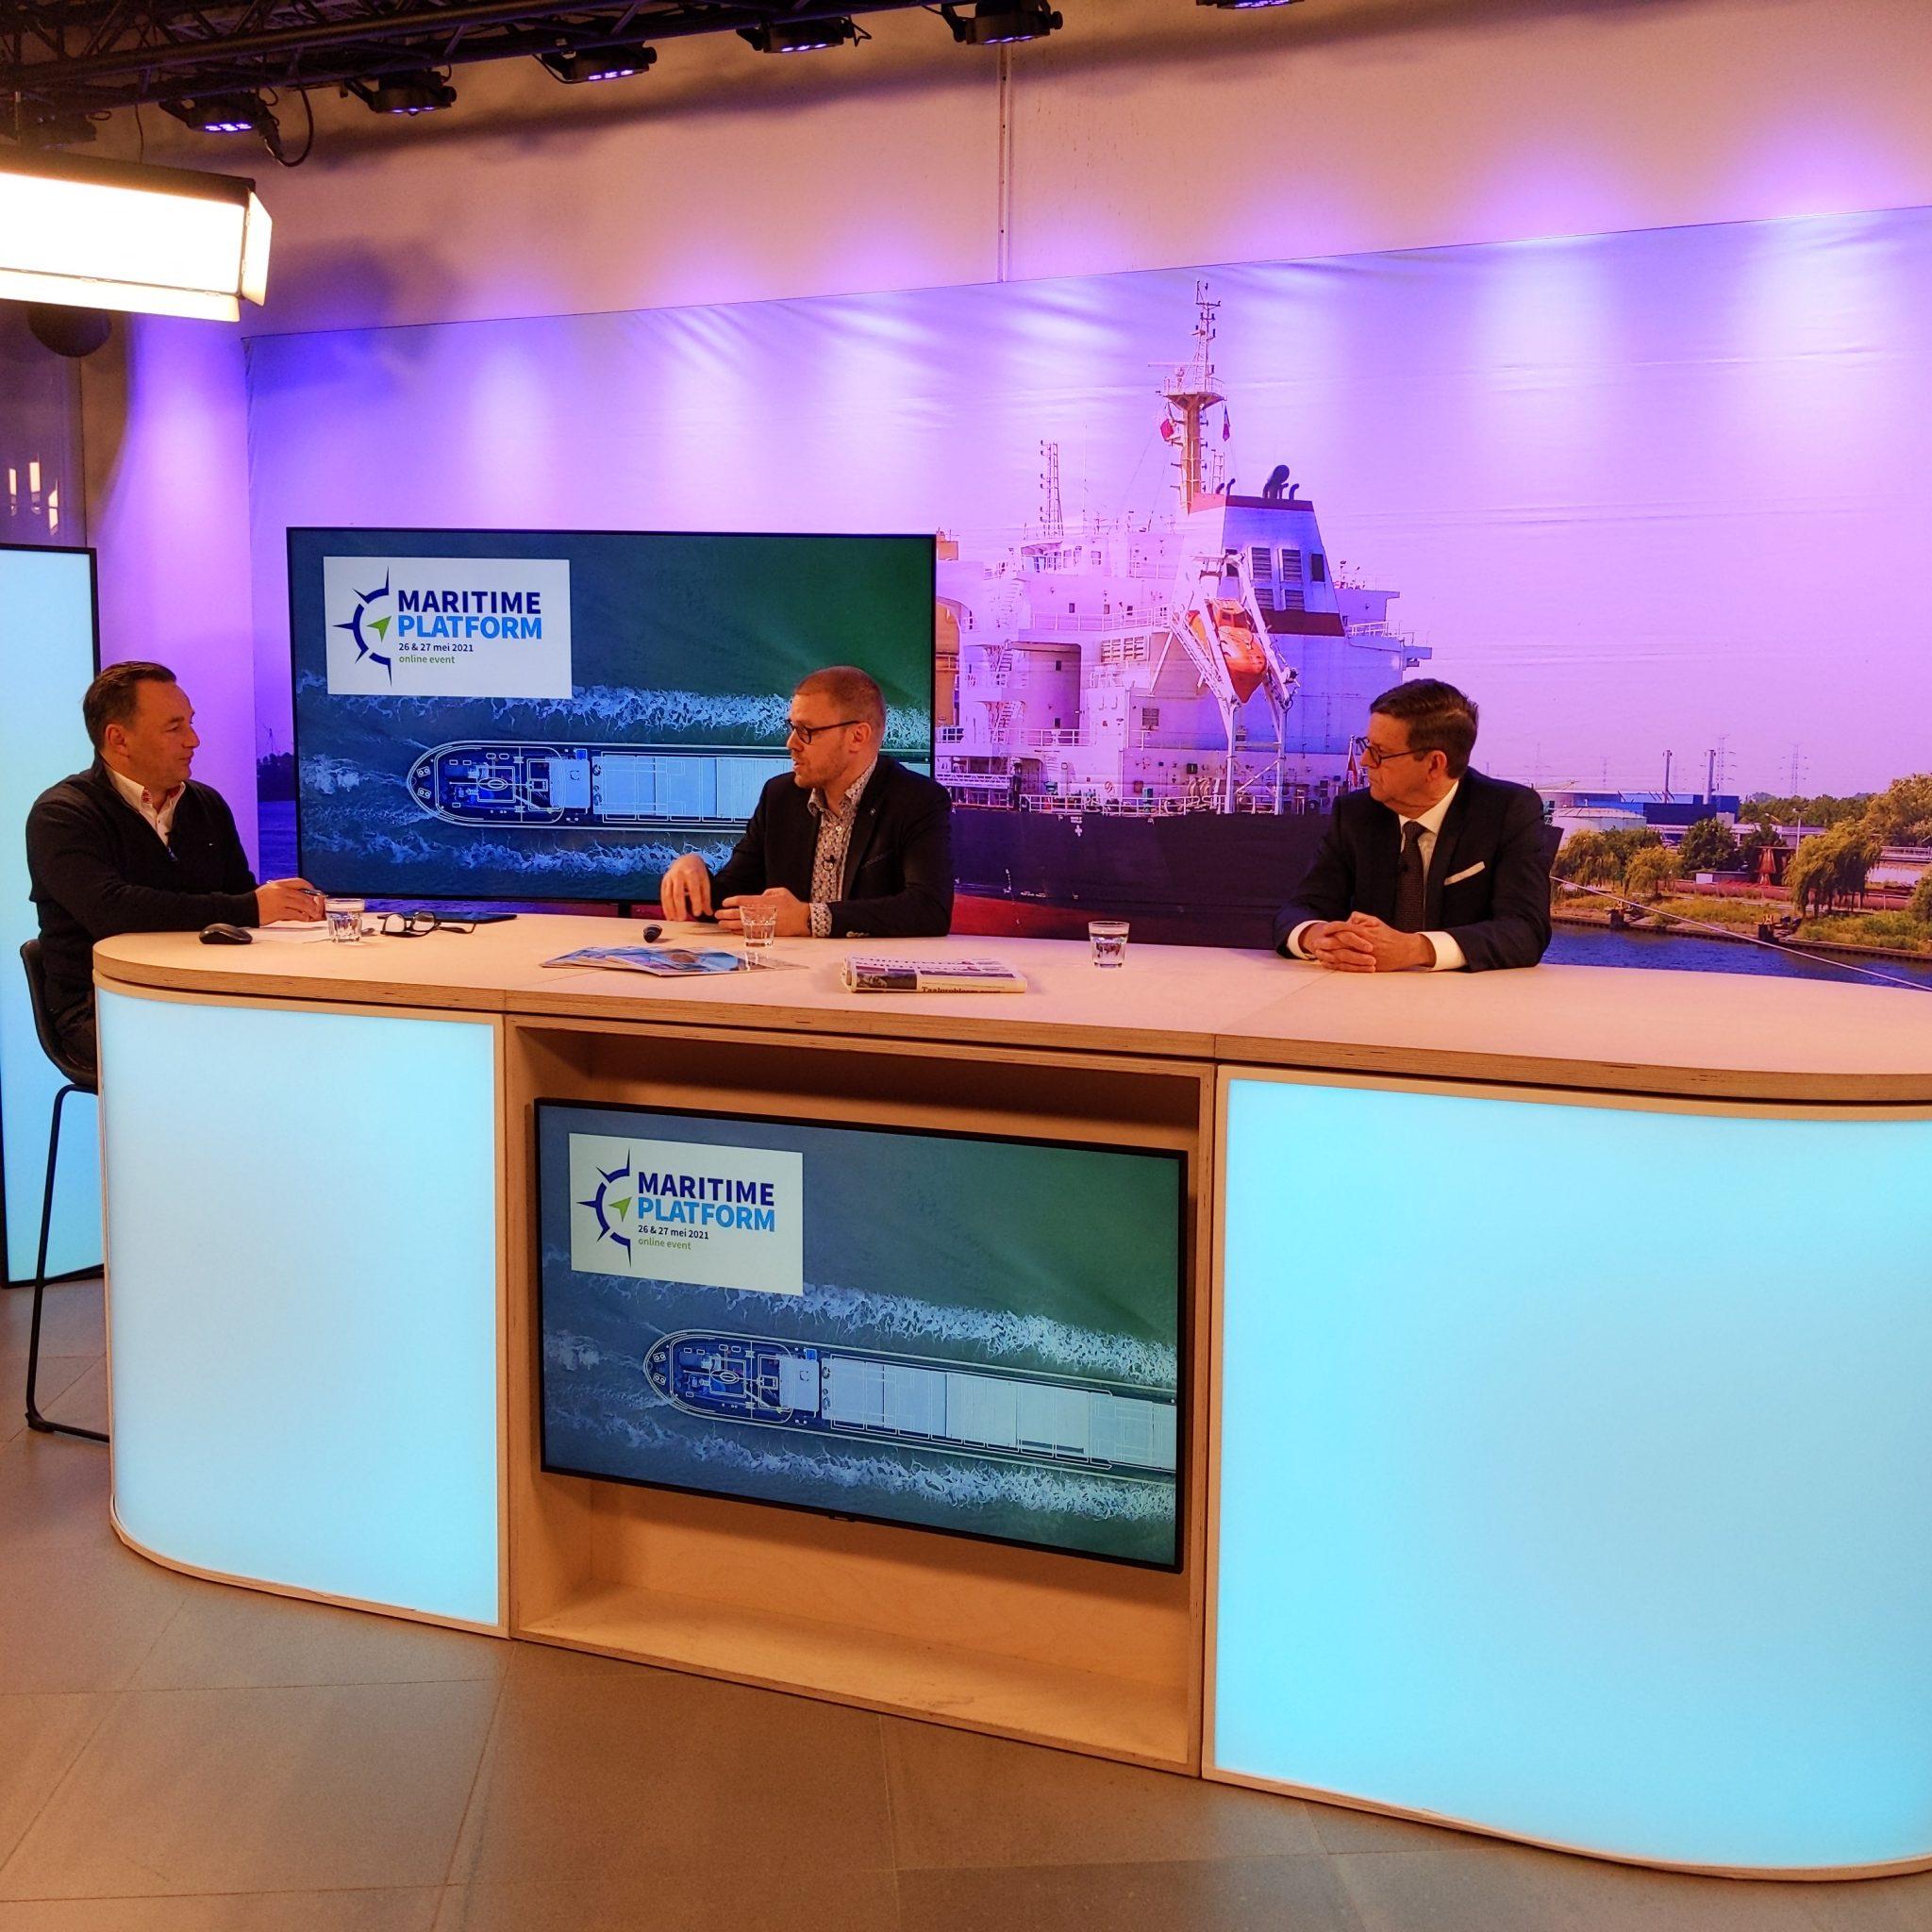 Dag 1 van Maritime Platform 2021 zit erop. De dag begon met een gesprek tussen presentator René Quist (Links), Arnold de Bruijn (Sector manager NMT, midden) en Directeur van NMT Roel de Graaf.